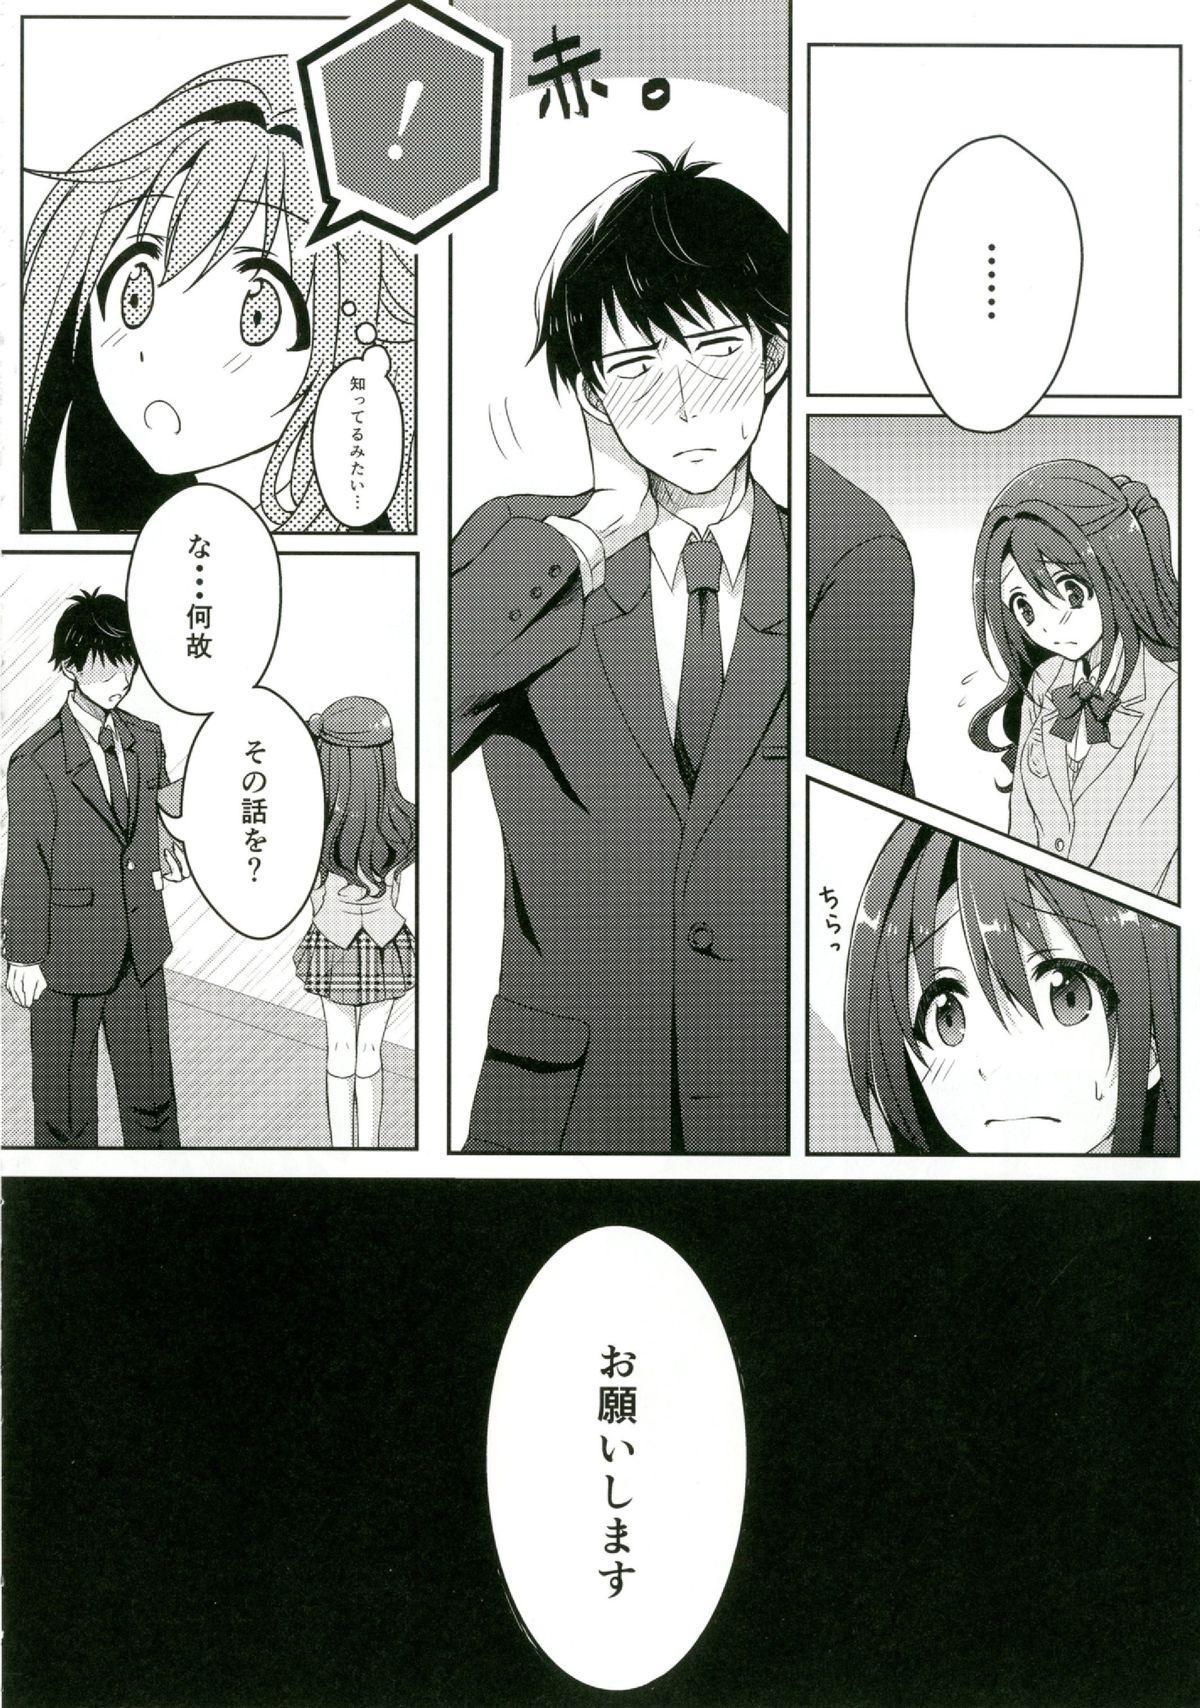 Himitsu no Tokkun 9